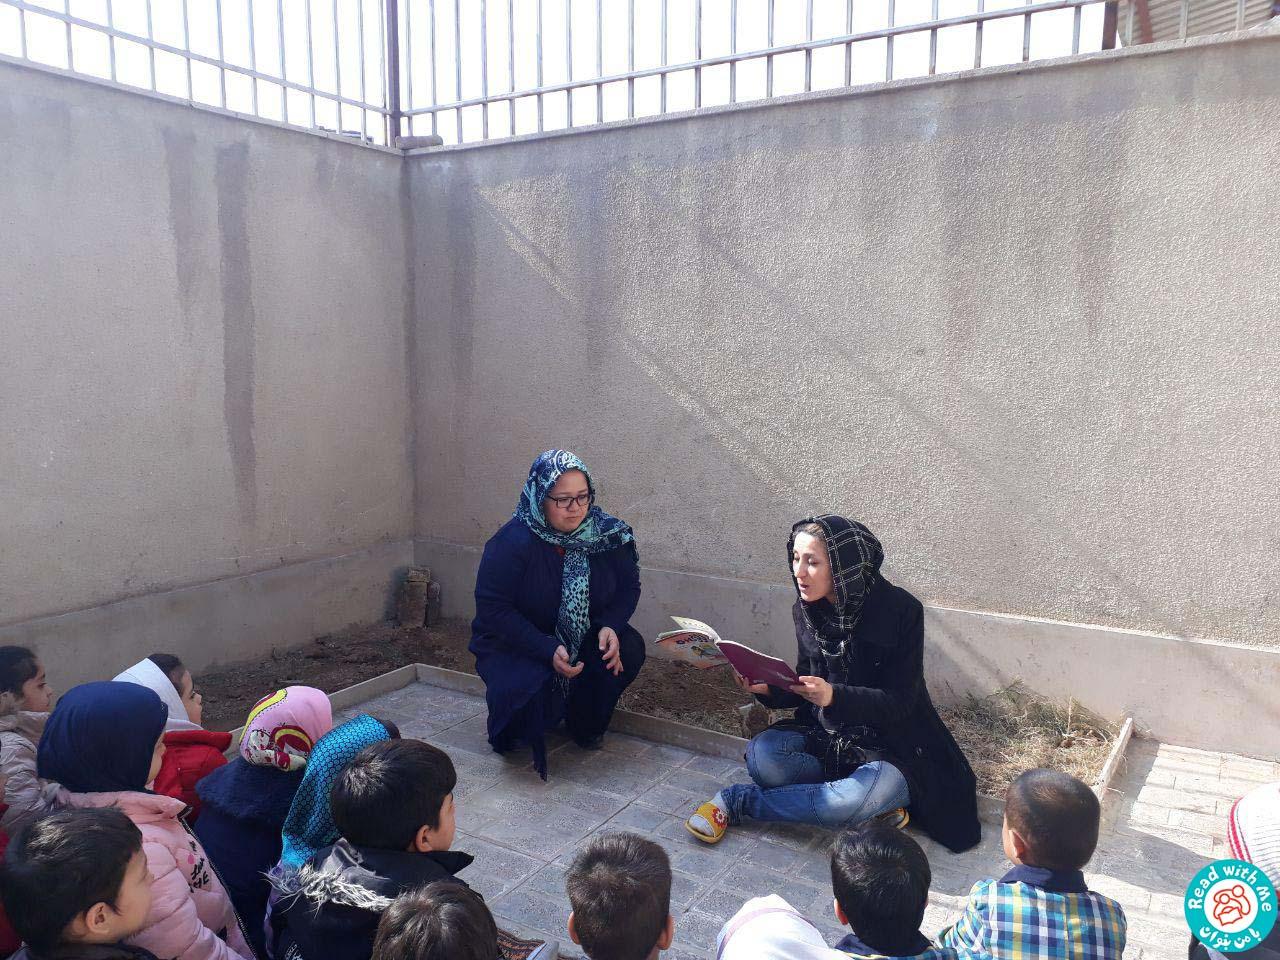 بلندخوانی داستانک دهم شمارورزی لولوپی ۰، محمودآباد، بهمن 96